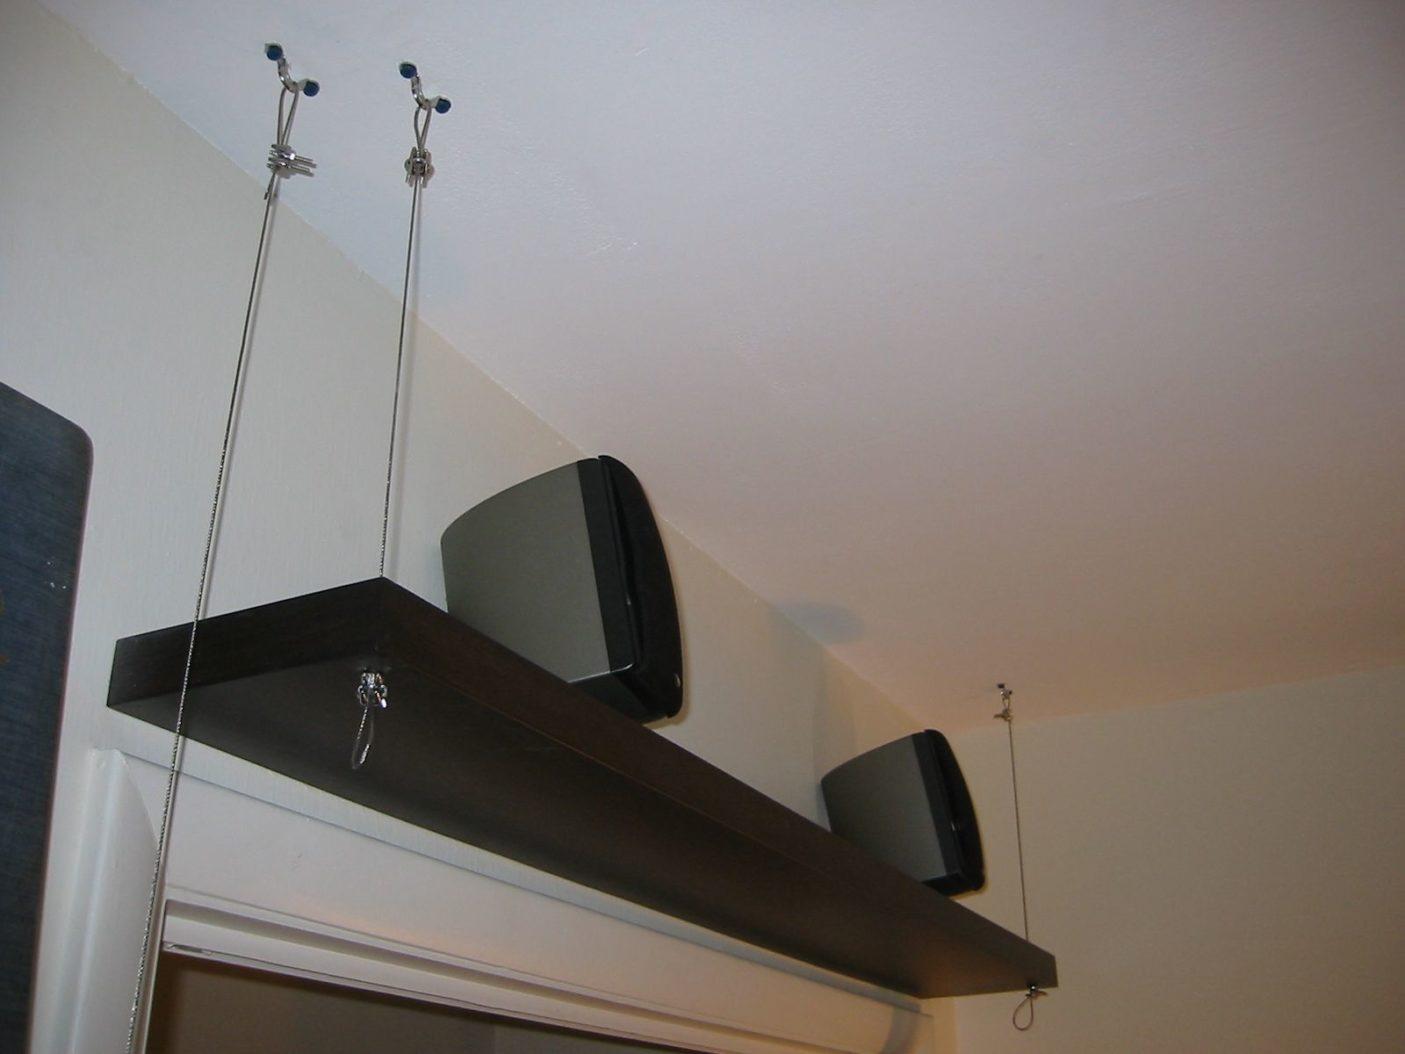 Shelves-8.jpg